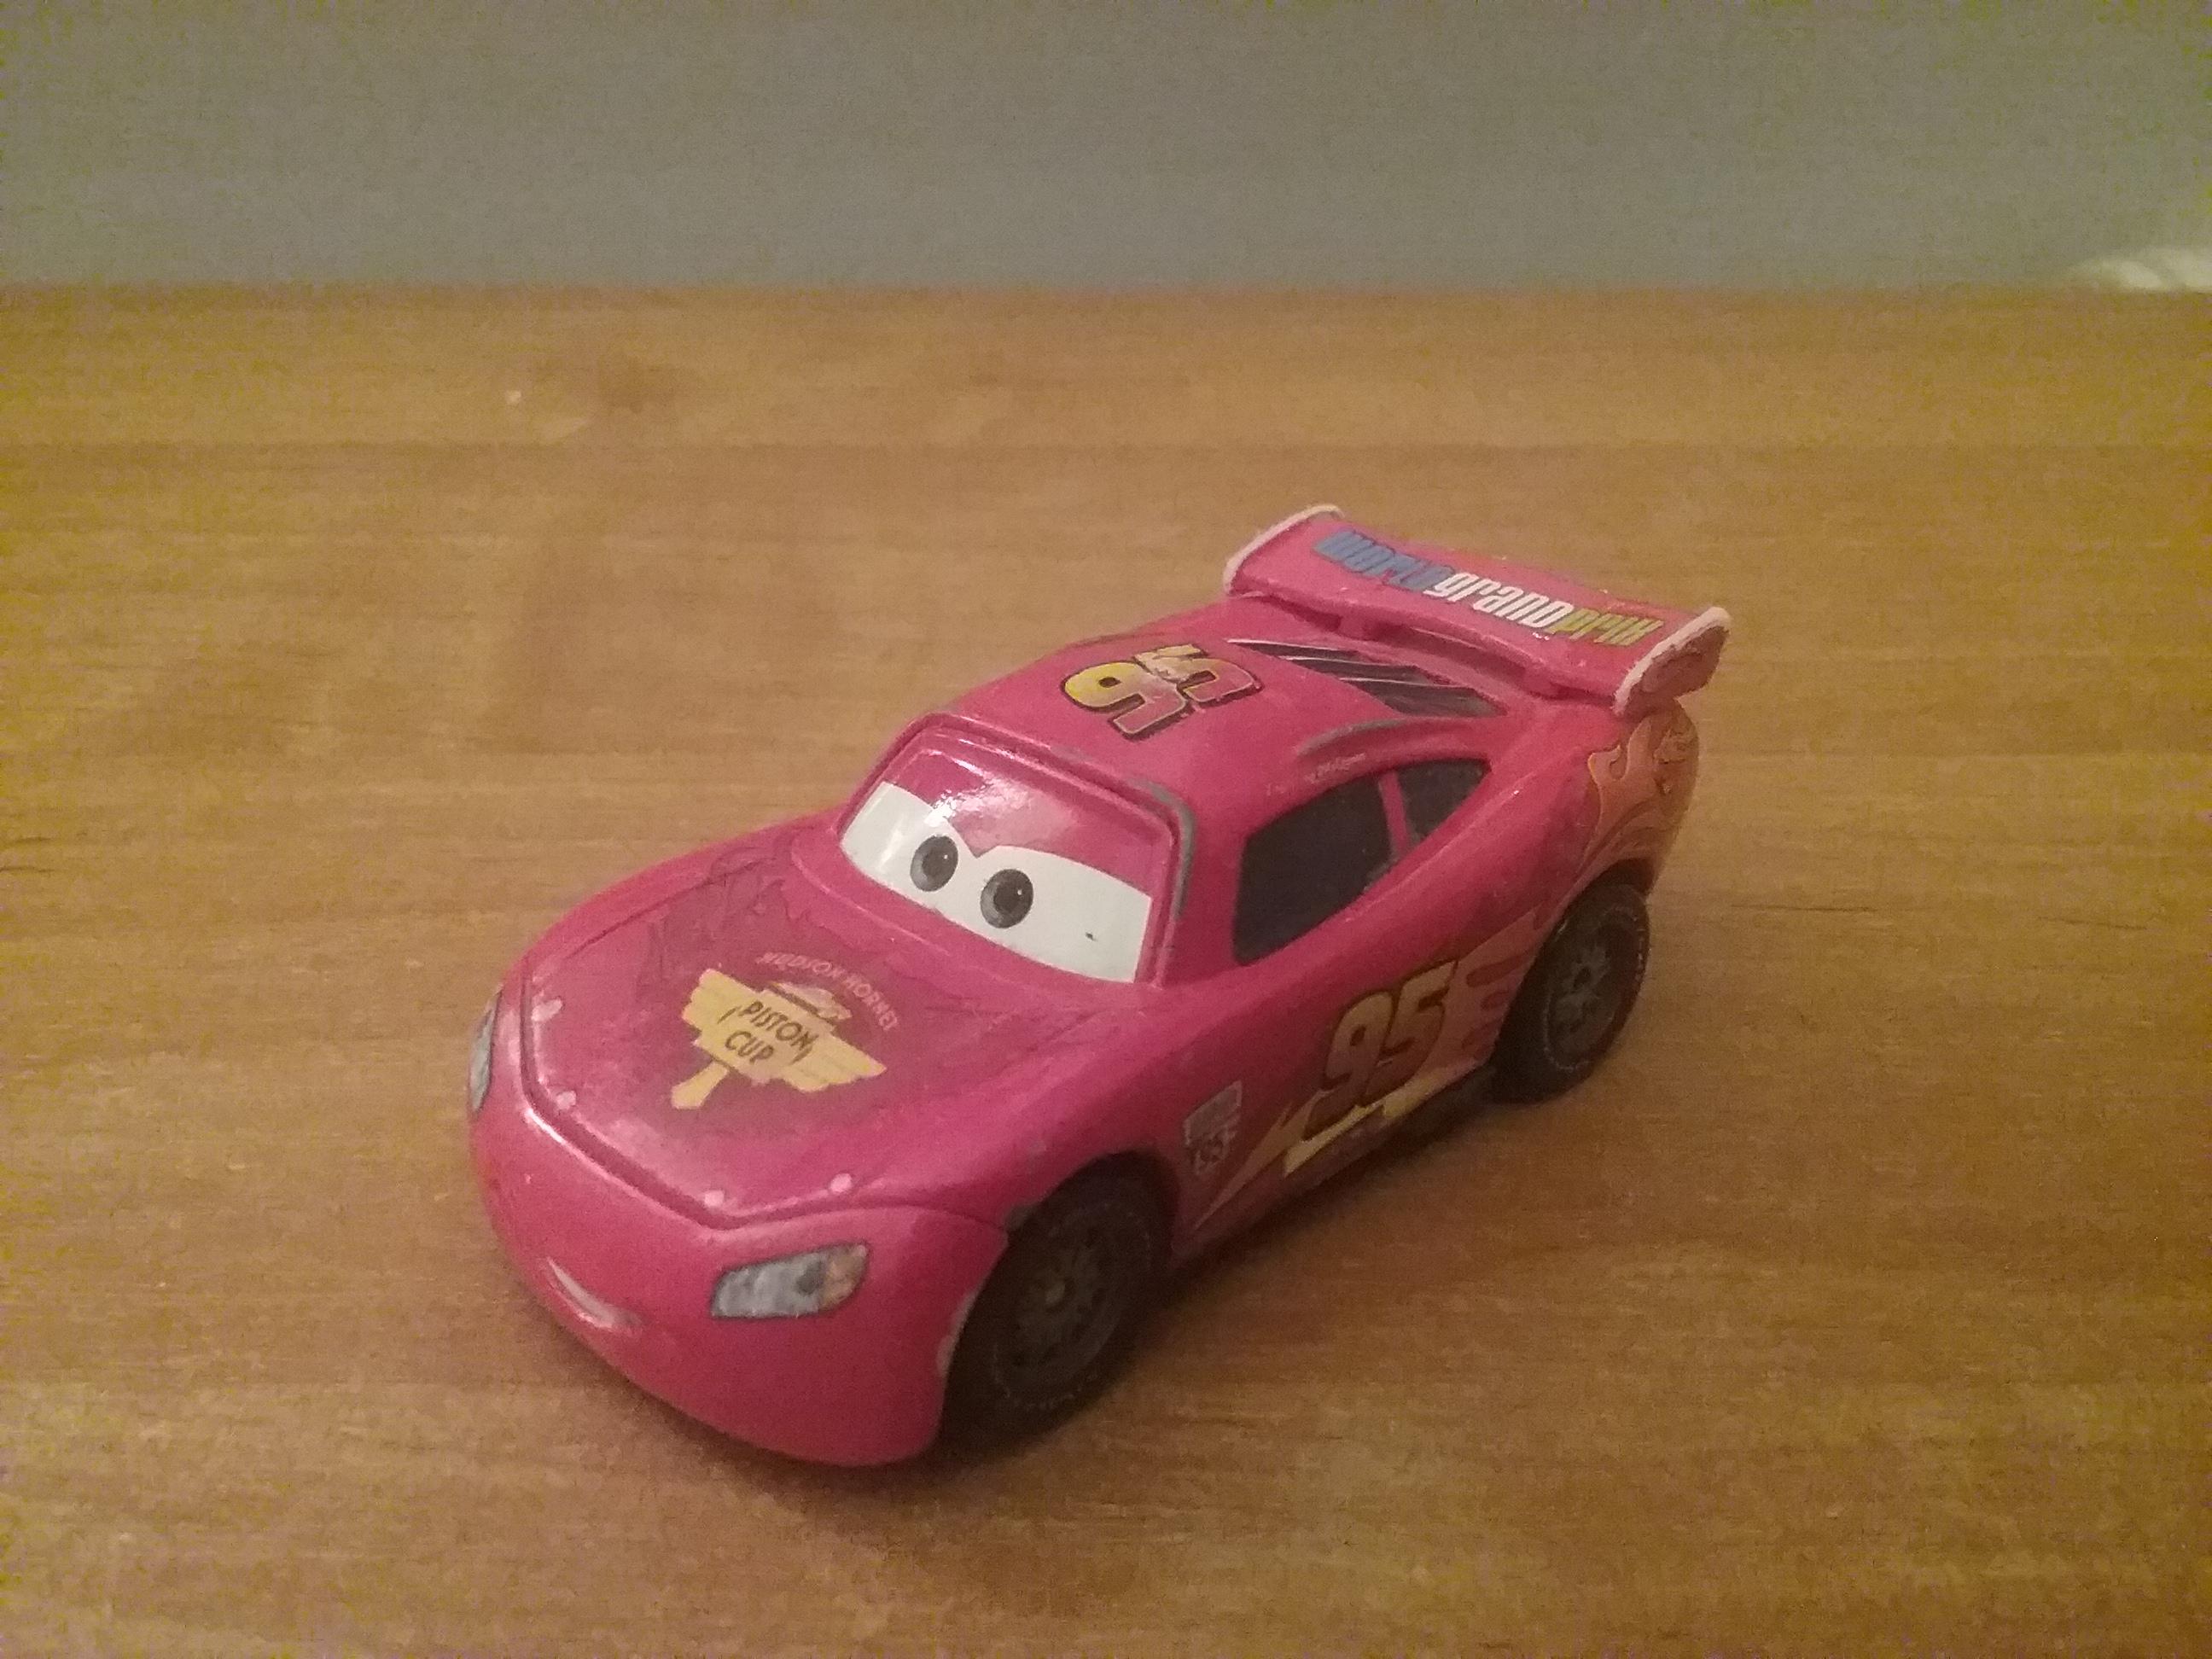 MQueens2500/Moja kolekcja modeli samochodów z Aut